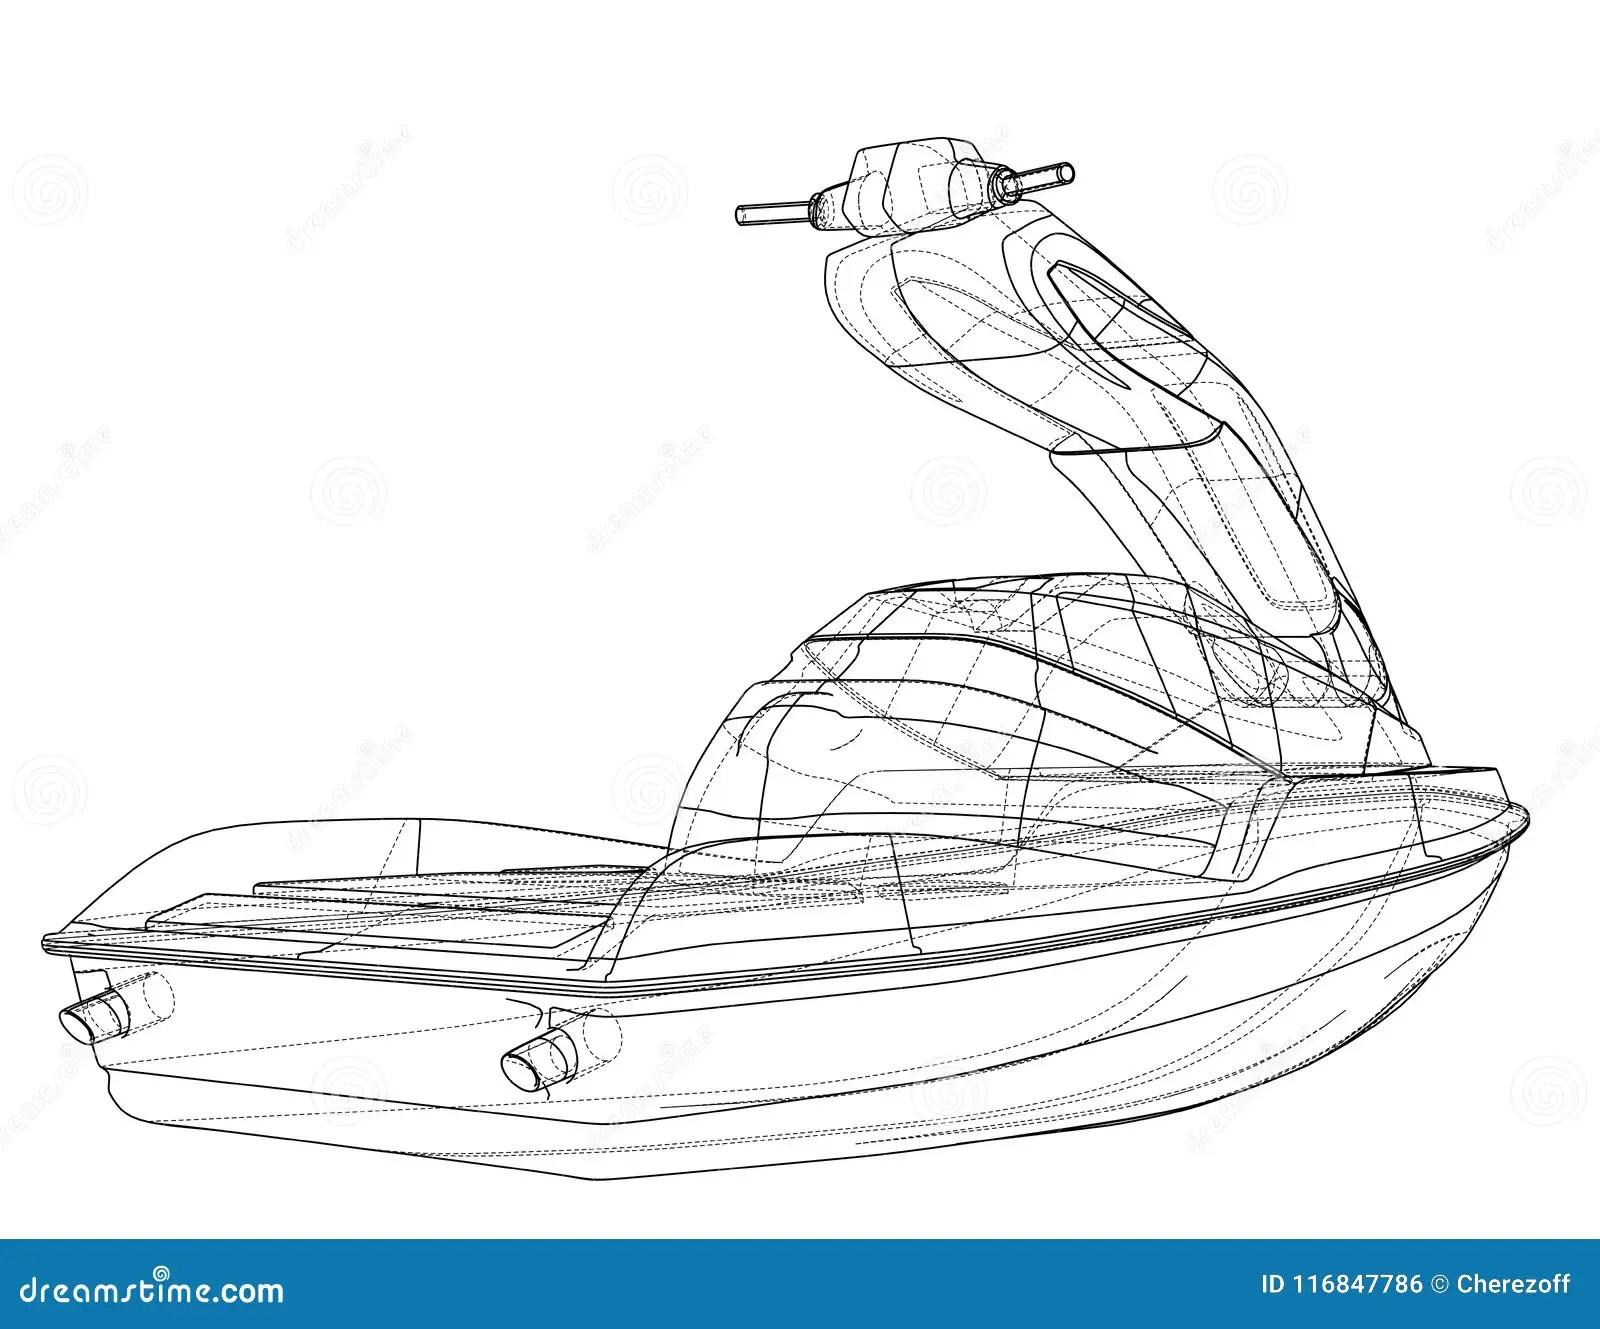 Jet Ski Sketch Stock Illustrations